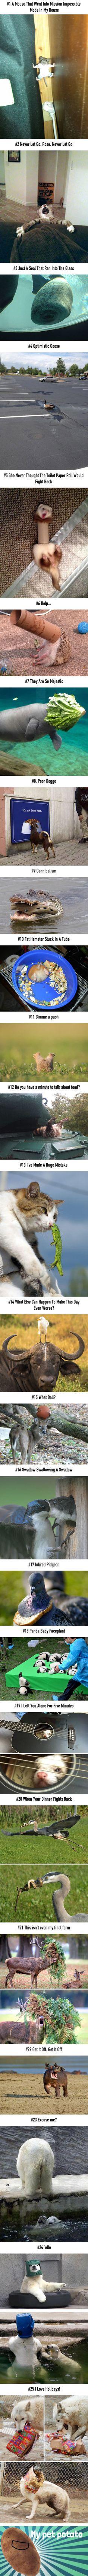 25 Funniest Animal Fails Ever